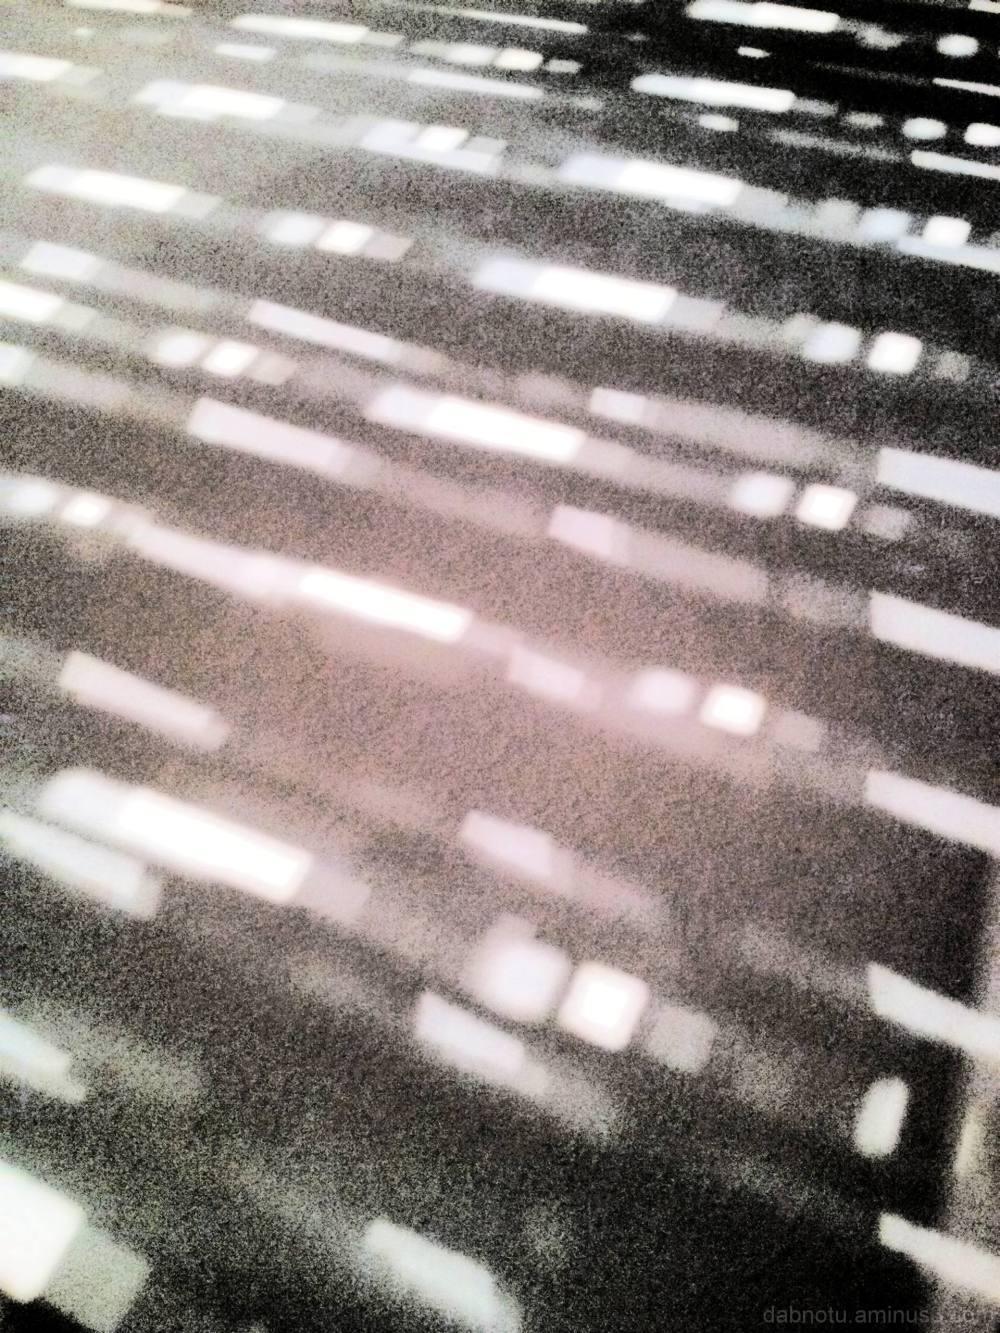 Detail, Alvar Aalto 1898-1976 exhibit, Barcelona.